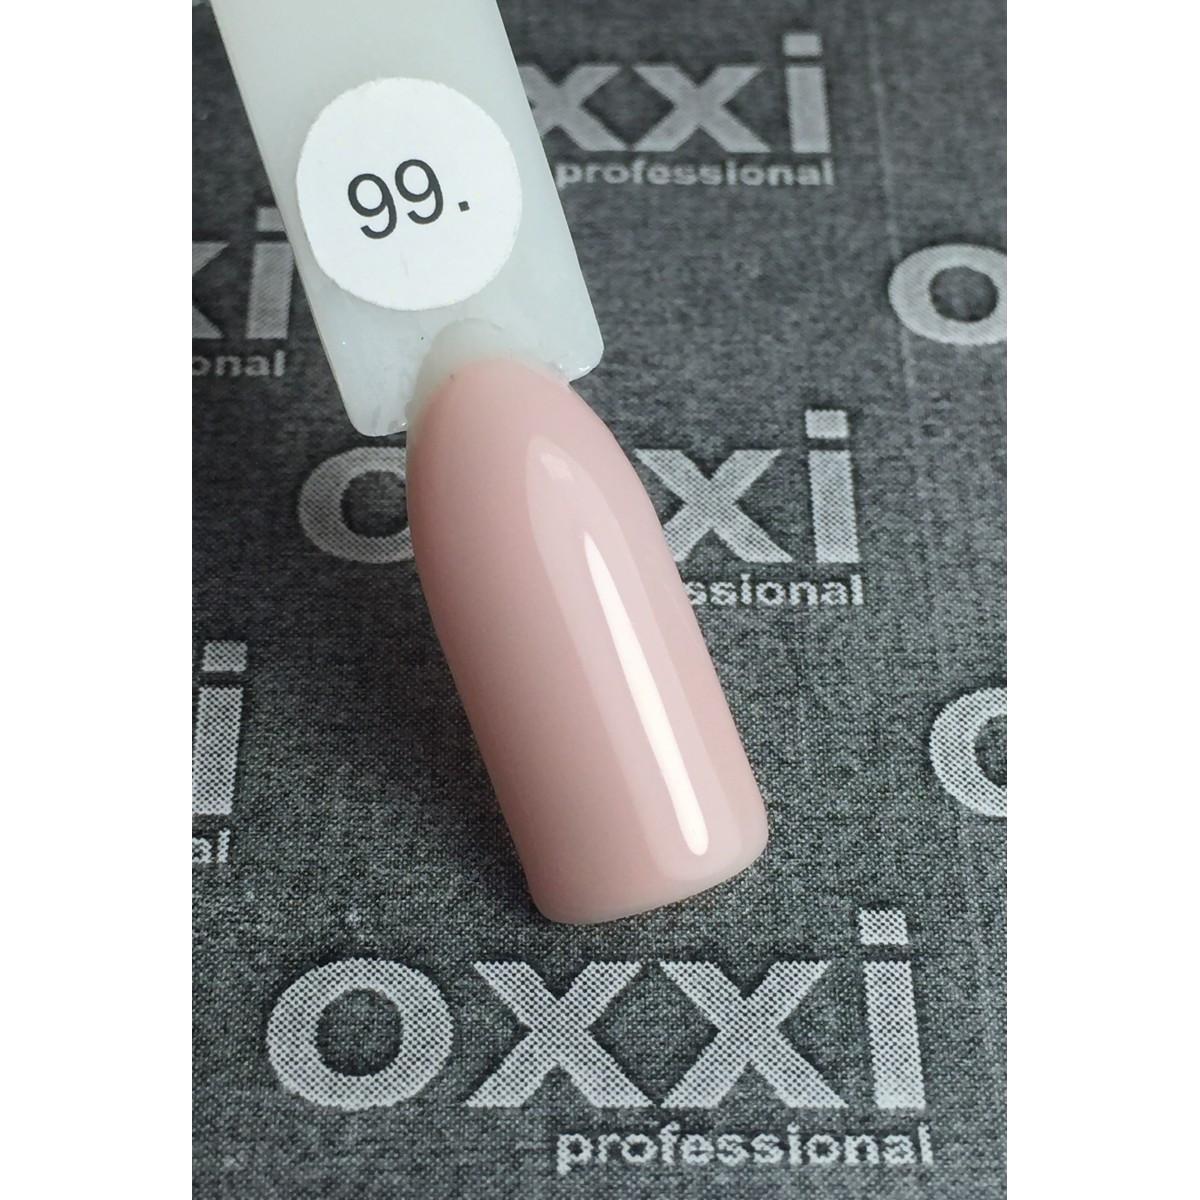 Гель-лак OXXI Professional №99 (Светлый бежево-розовый) 10 мл